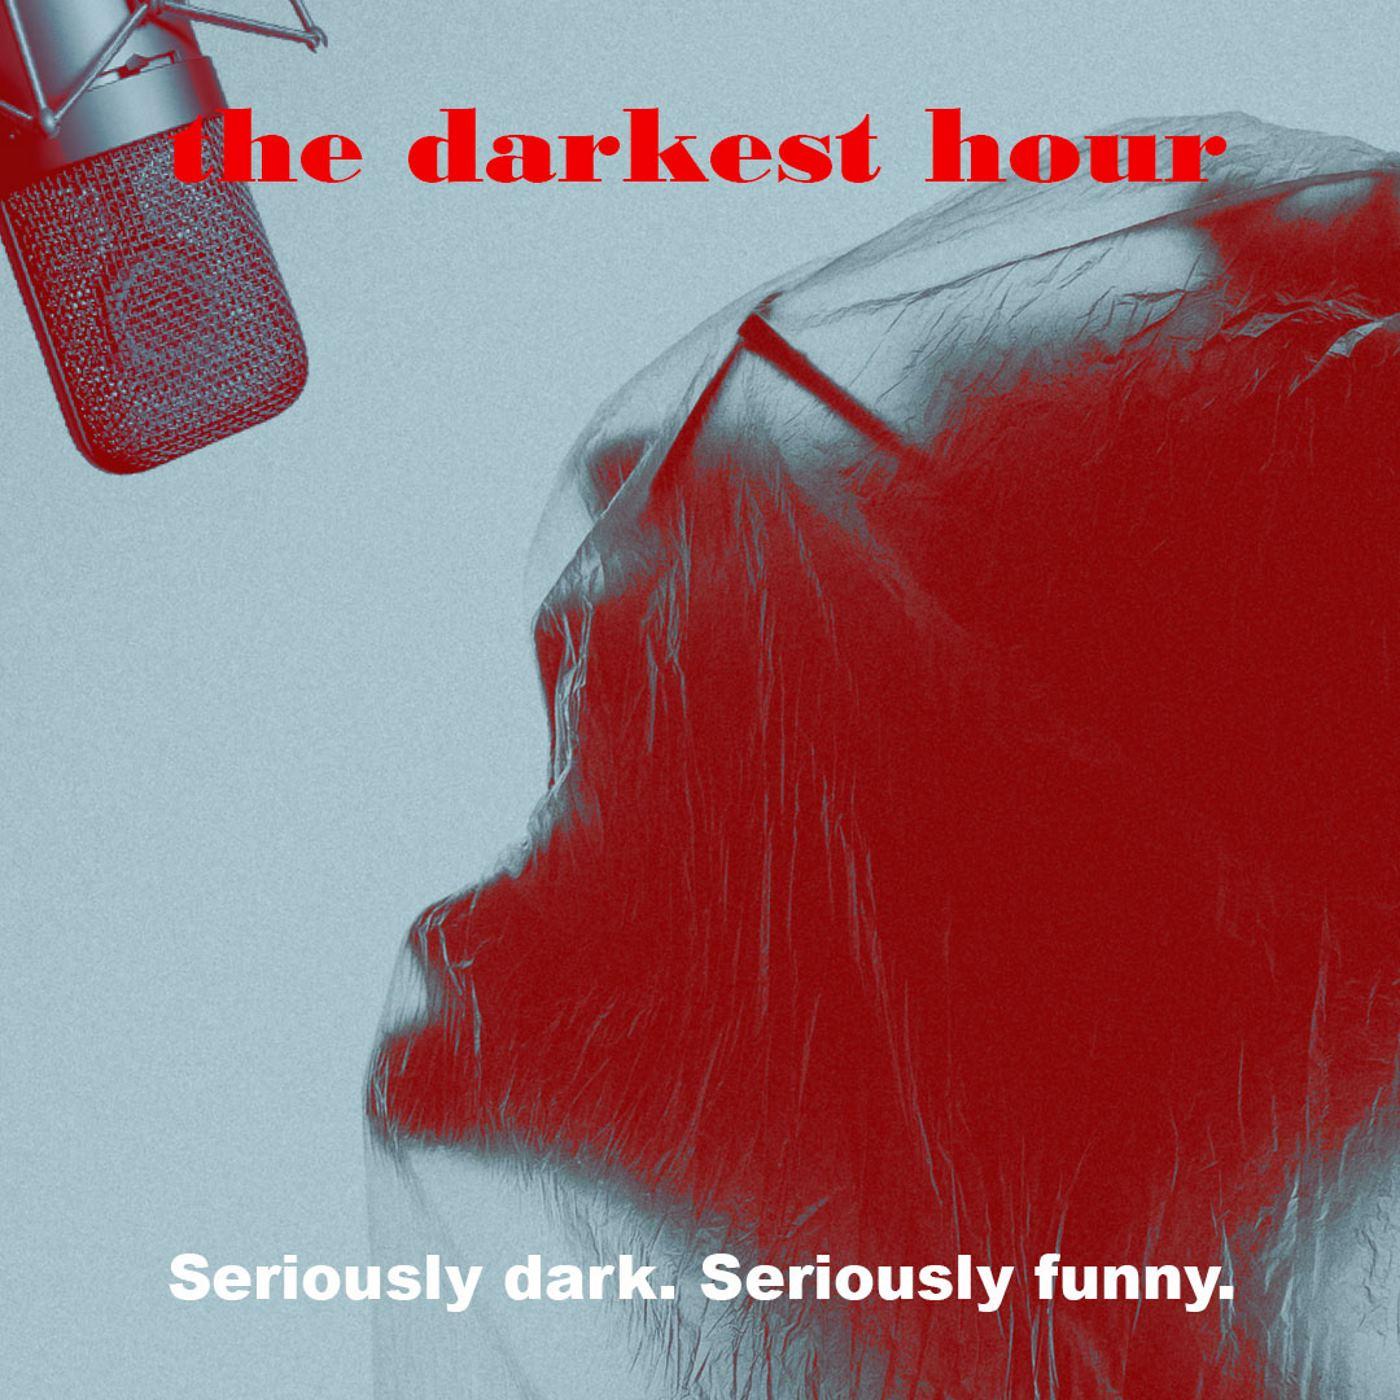 The Darkest Hour Episode 5